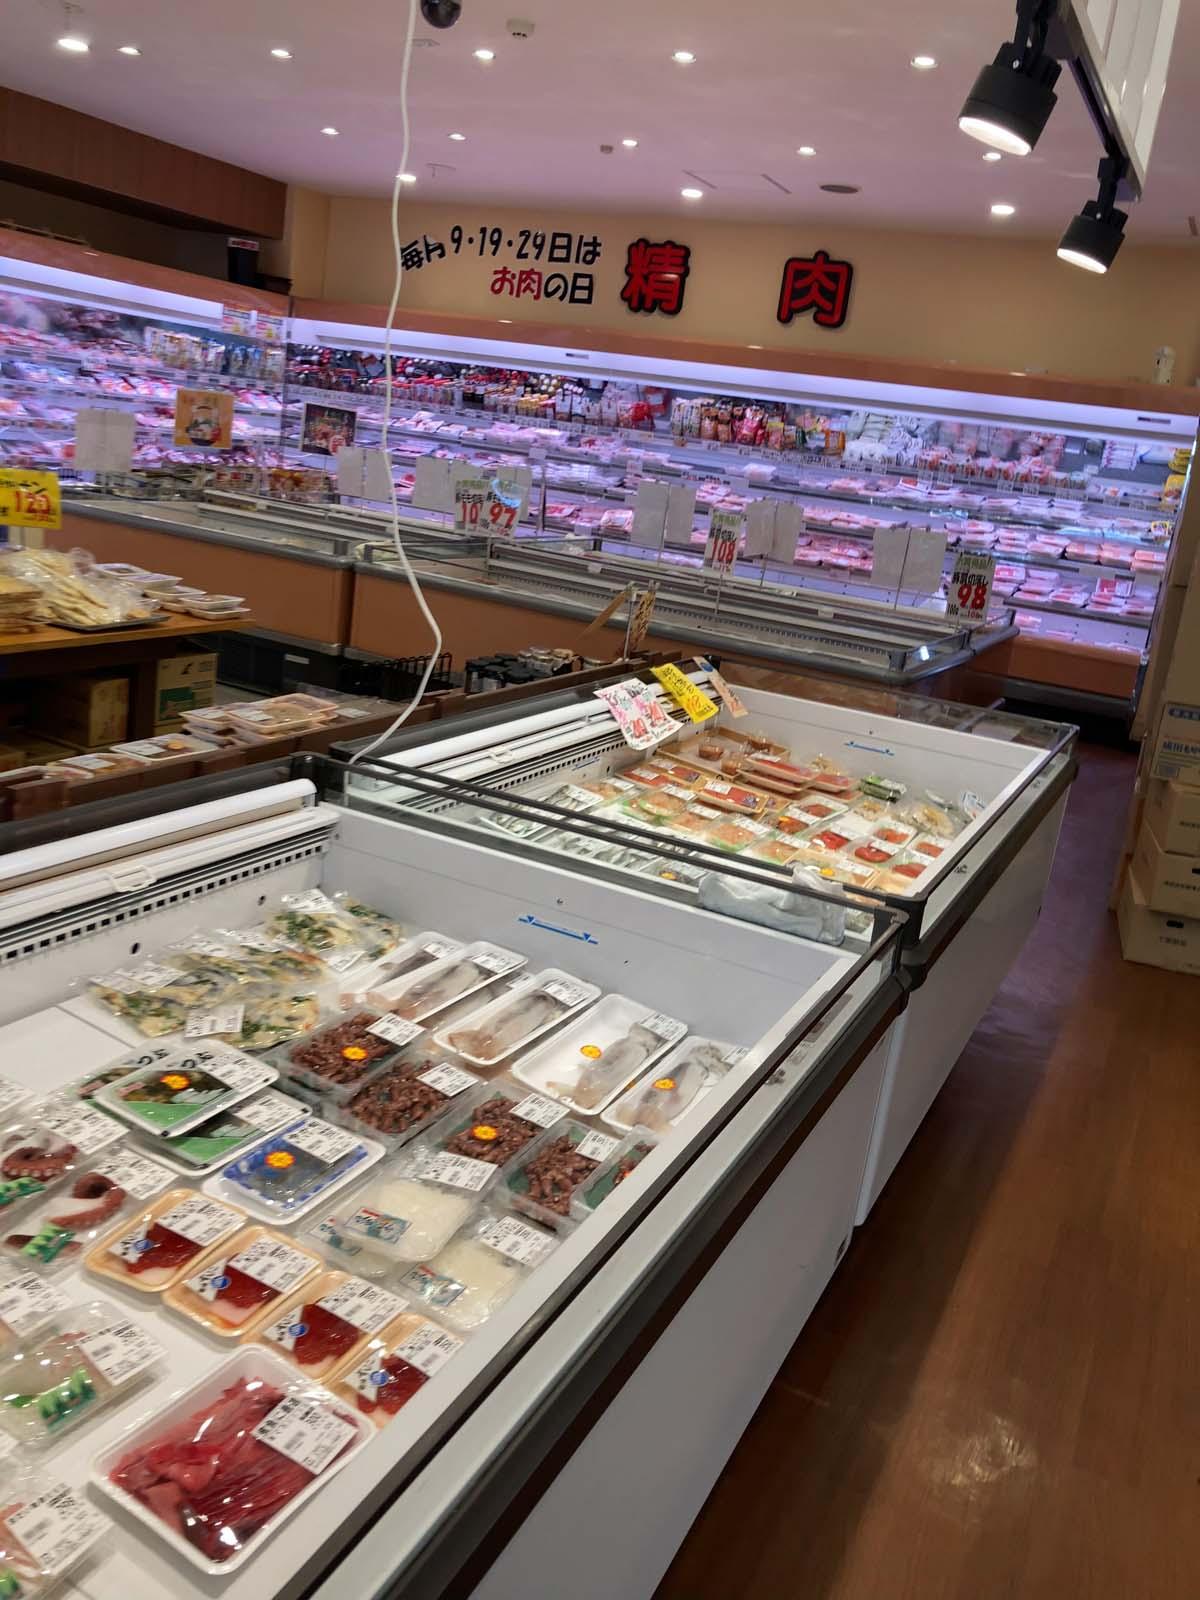 肉・惣菜も買うことができるので、夕飯の食材をここで揃えることができます